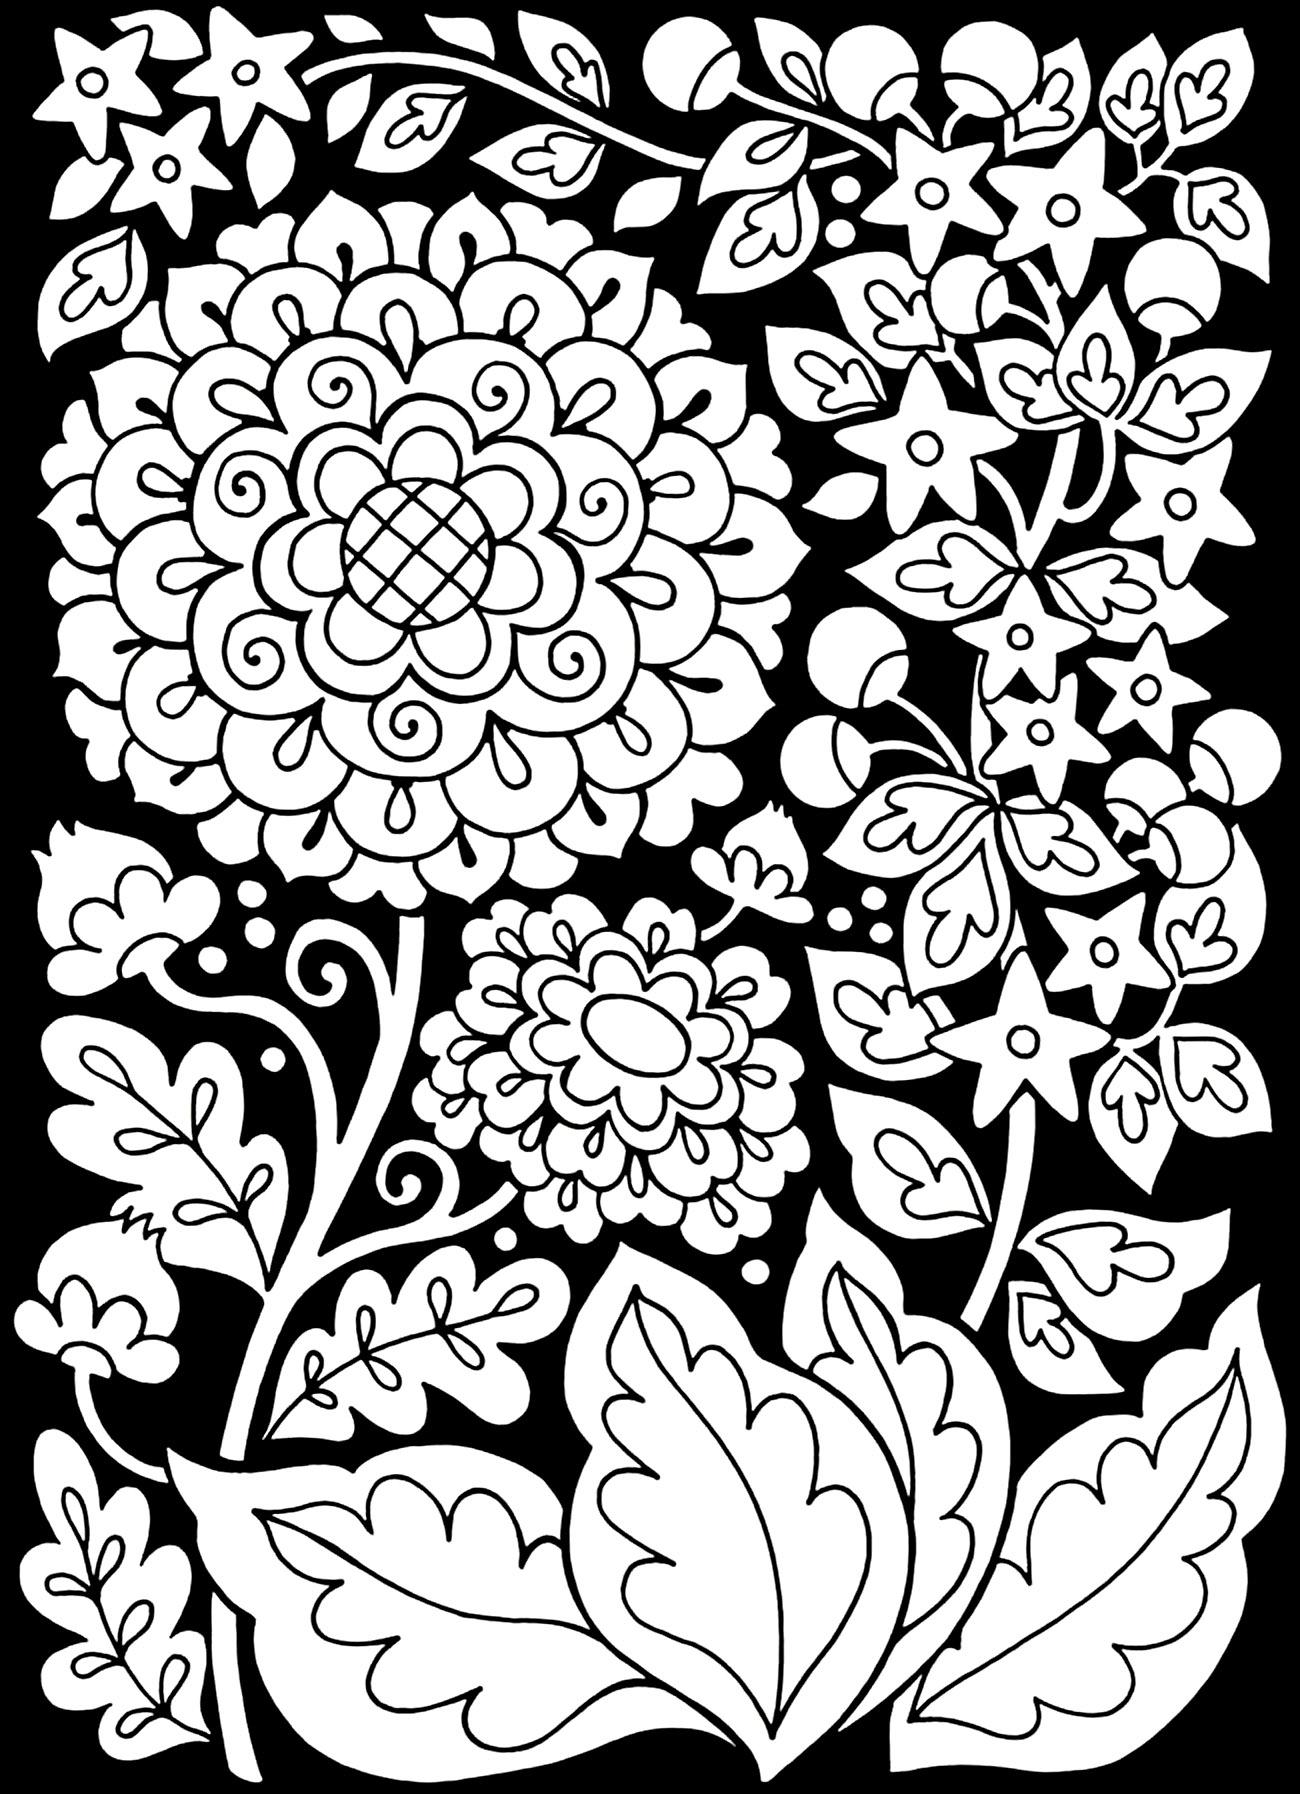 Colorear para adultos : Flores y vegetación - 23